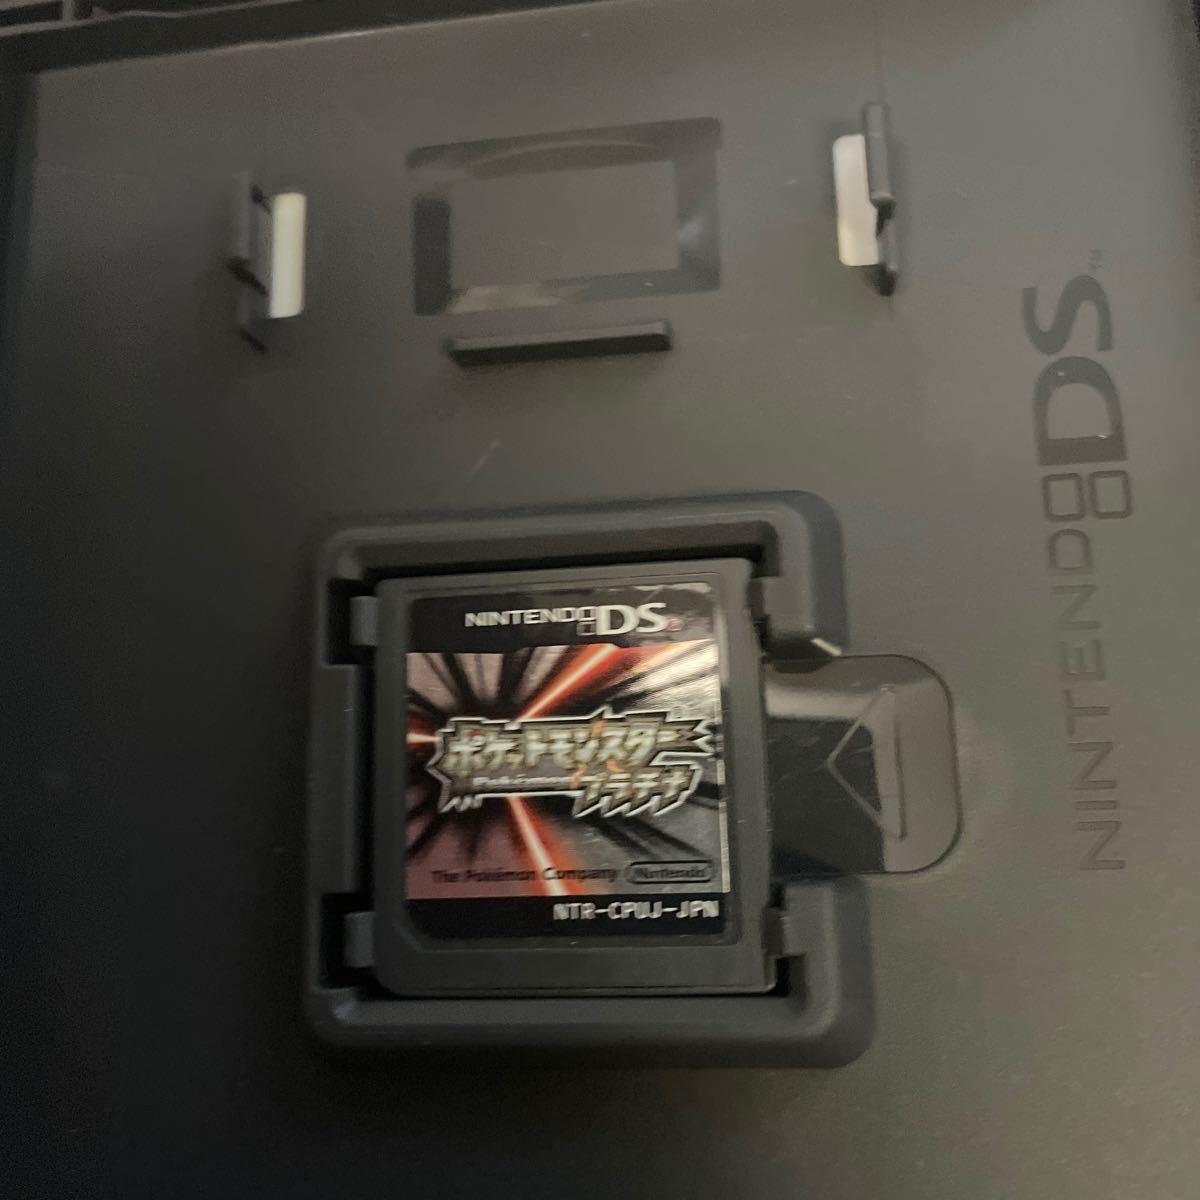 ポケットモンスタープラチナ DSソフト